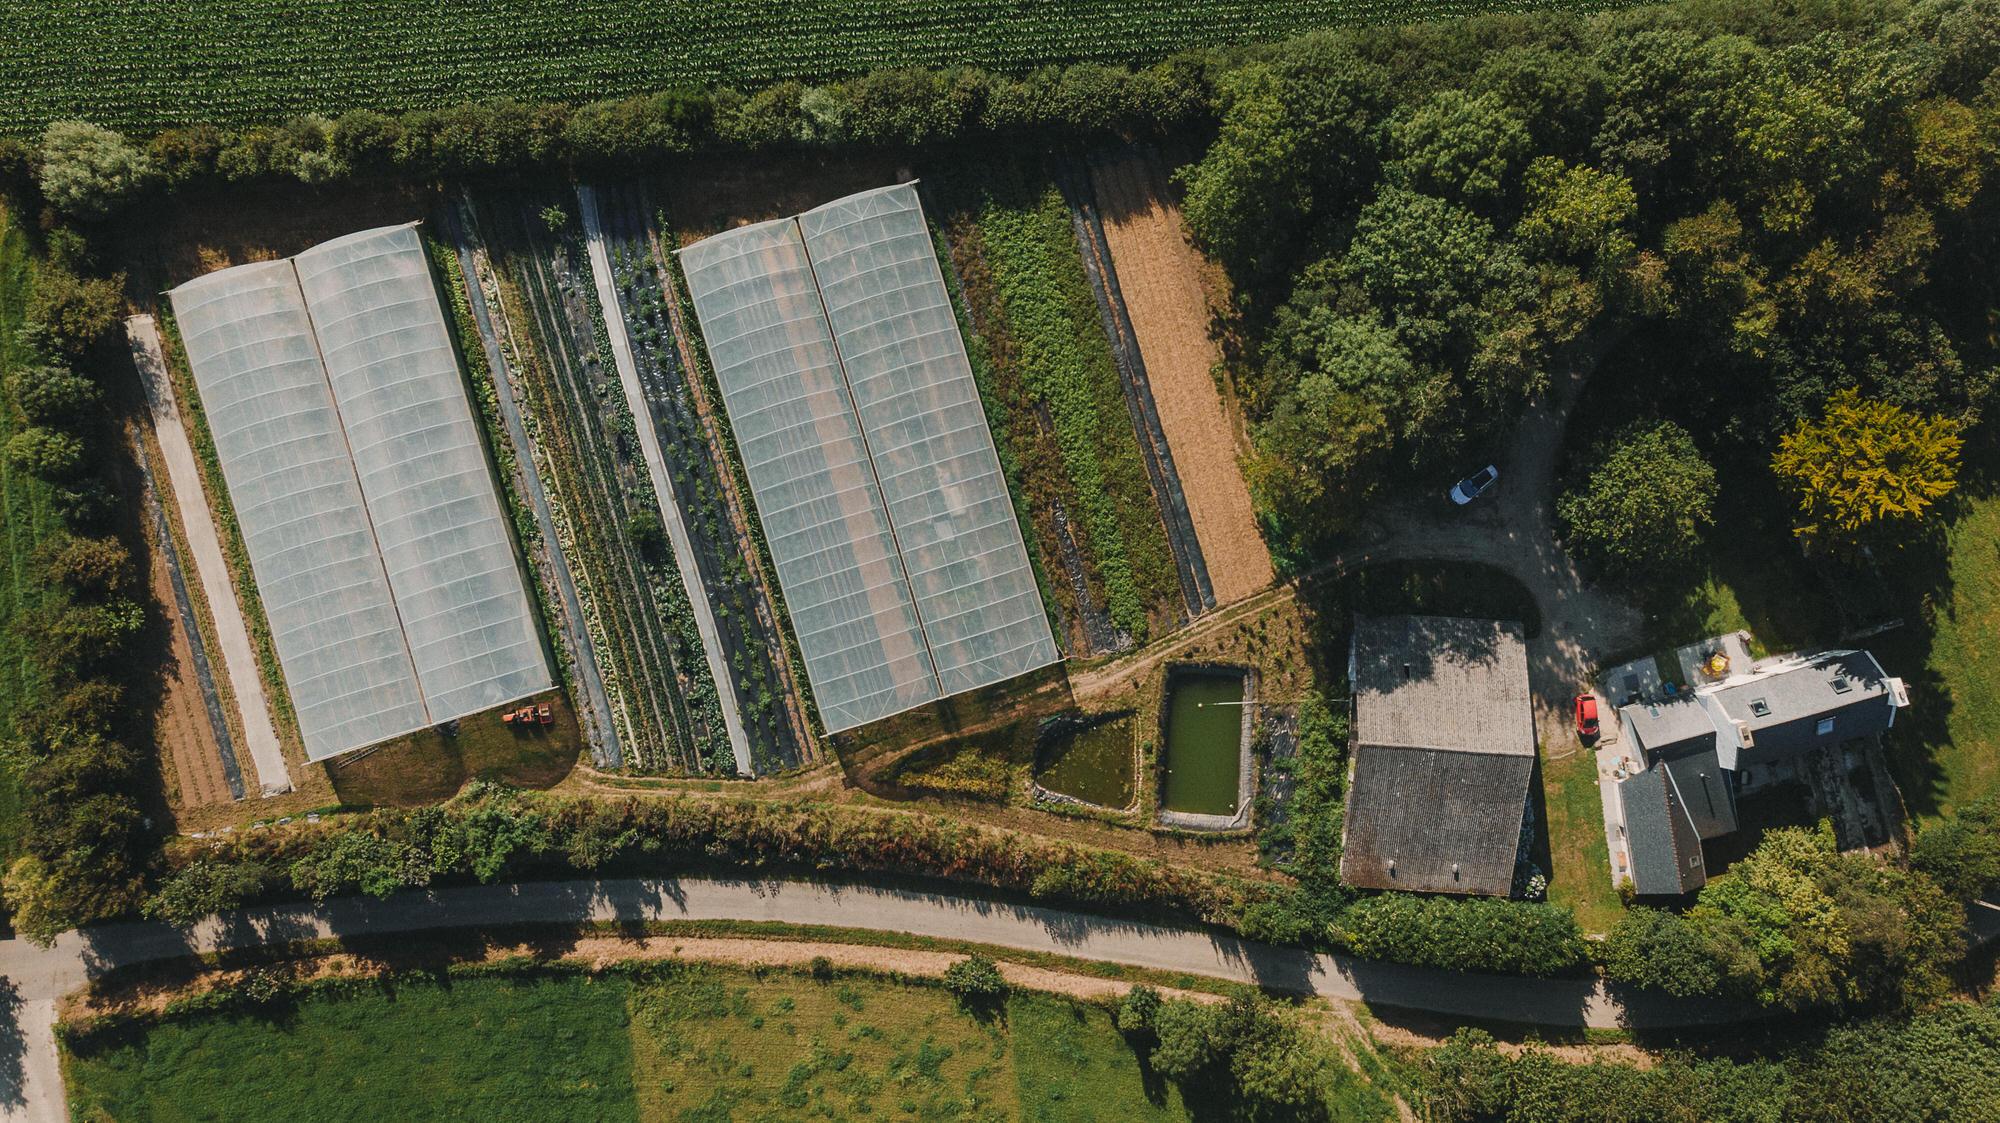 Reportage Photo Brest 20200717 05028 Les Jardins De Kerlomann Www.antoineborzeix.fr , Photographe & Videaste à Brest / Finistère